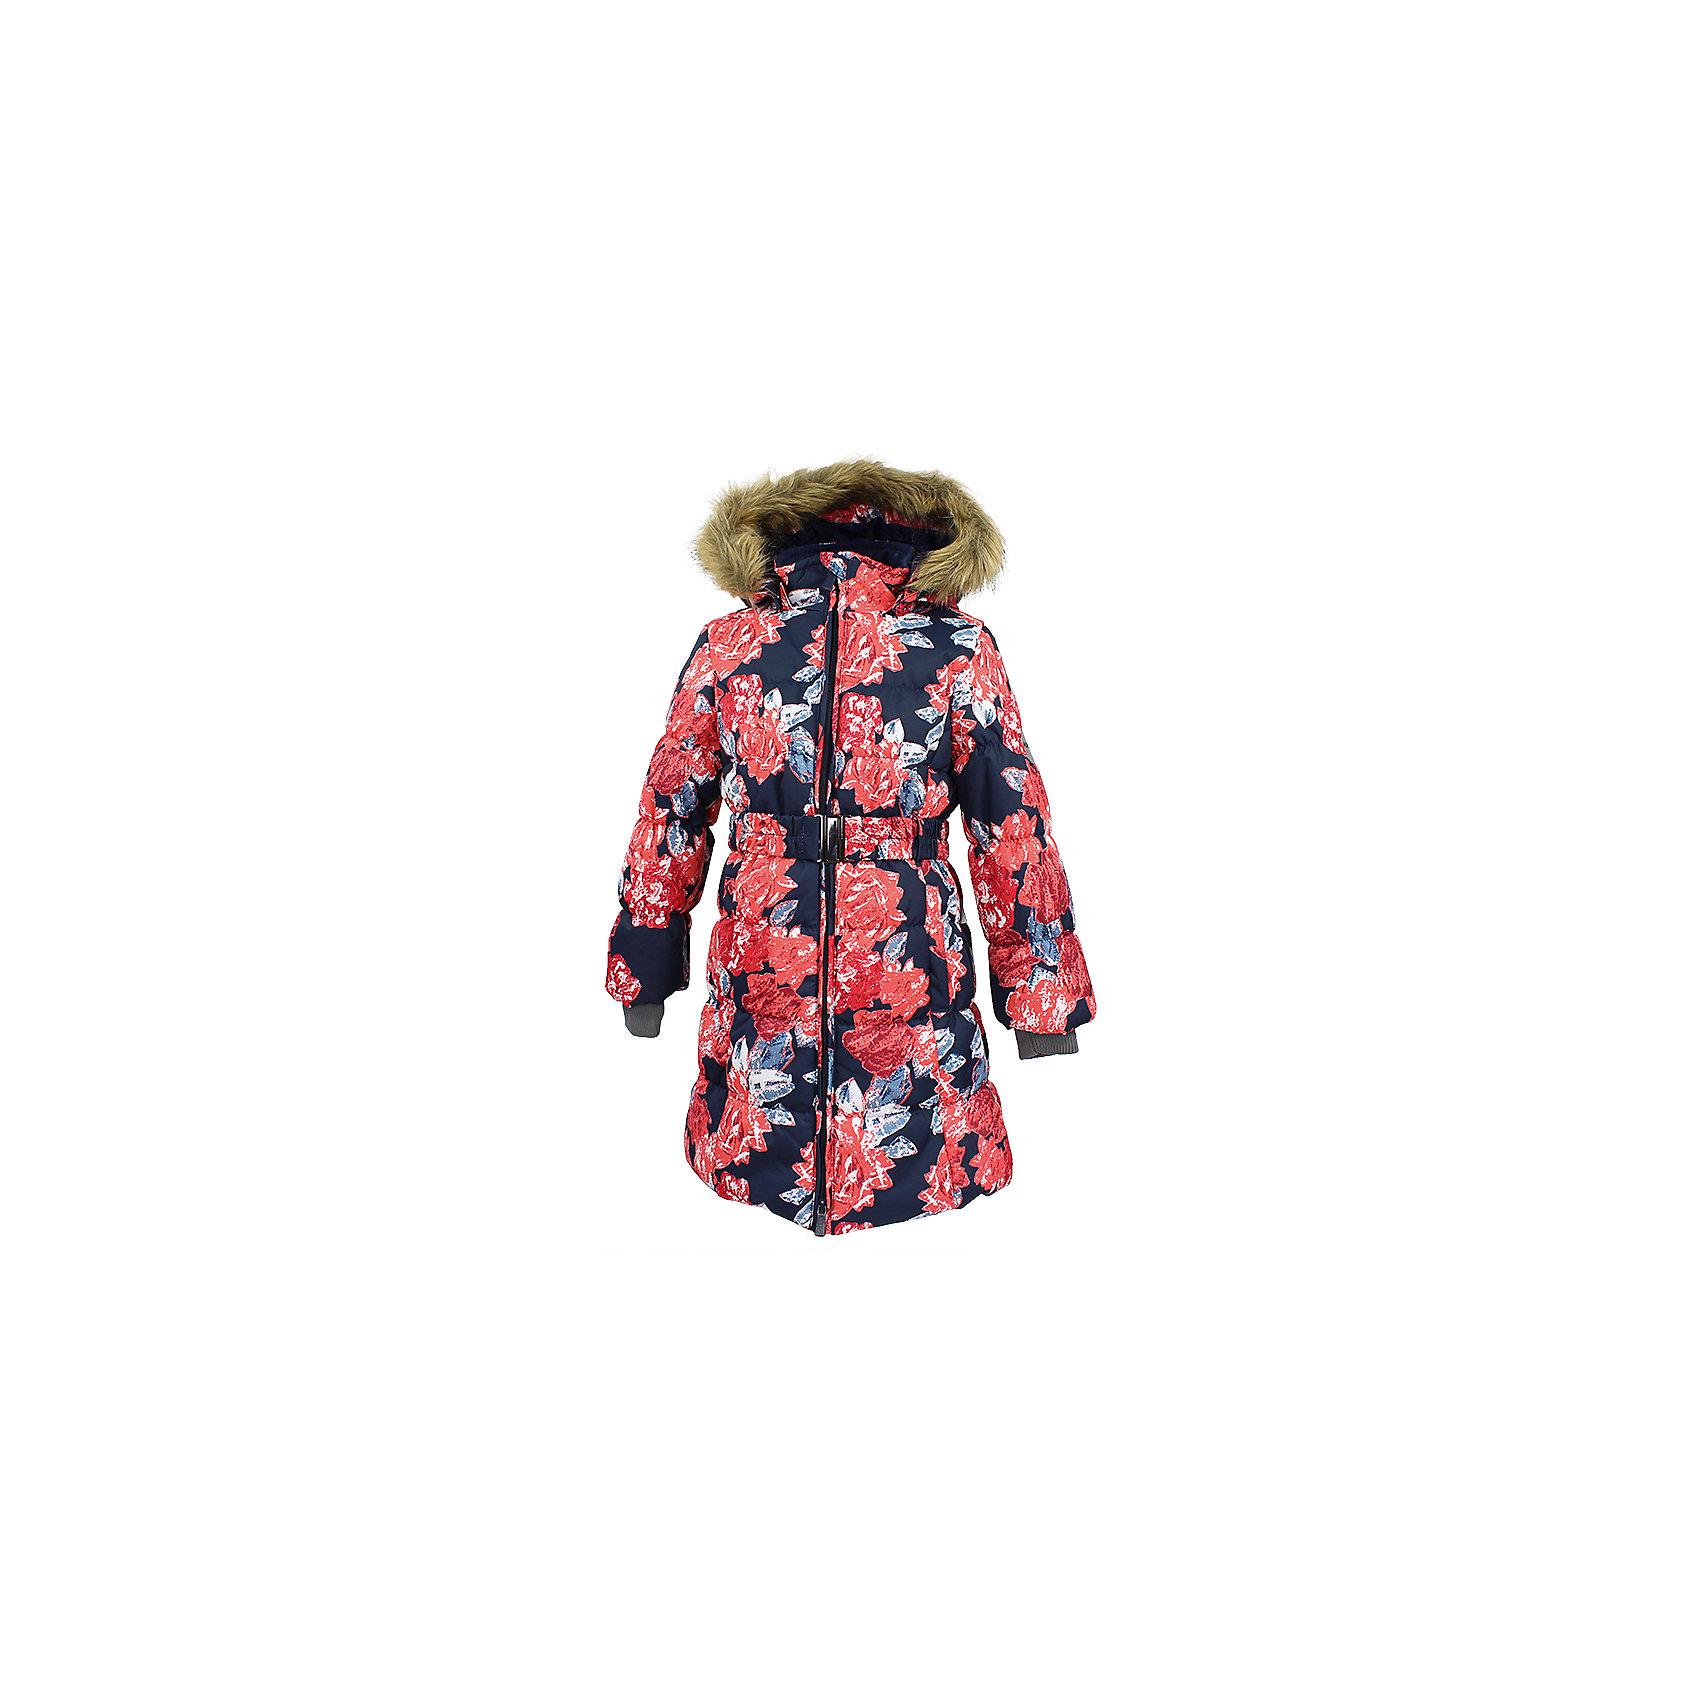 Пальто YACARANDA Huppa для девочкиВерхняя одежда<br>Характеристики товара:<br><br>• цвет: темно - синий;<br>• пол: девочка;<br>• состав: 100% полиэстер;<br>• утеплитель: полиэстер 300 гр.;<br>• подкладка: тафта, флис;<br>• сезон: зима;<br>• температурный режим: от -5 до - 30С;<br>• водонепроницаемость: 10000 мм ;<br>• воздухопроницаемость:10000 г/м2/24ч;<br>• особенности модели: с мехом на капюшоне;<br>• трикотажные манжеты;<br>• безопасный капюшон крепится на кнопки и, при необходимости, отстегивается;<br>• мех на капюшоне не съемный;<br>• защита подбородка от защемления;<br>• светоотражающие элементы для безопасности ребенка;<br>• страна бренда: Финляндия;<br>• страна изготовитель: Эстония.<br><br>Теплое зимнее пальто для девочек. Это универсальная недорогая модель подойдет как для школы, так и для долгих зимних прогулок. Современный утеплитель HuppaTherm отлично греет даже при очень низких температурах а высококачественная мембрана не пропускает влагу, ветер и снег. <br><br>Приталенный силуэт подчеркнут поясом на застежке. На рукавах есть внутренние манжеты из трикотажа, которые плотно облегают запястья для дополнительного тепла и защиты от продувания. Капюшон на кнопках дополнен опушкой из искусственного меха.<br><br>Функциональные элементы: капюшон отстегивается с помощью кнопок, мех не отстегивается, защита подбородка от защемления, карманы без застежек, трикотажные манжеты, светоотражающие элементы. <br><br>Зимнее пальто Yacaranda для девочки фирмы HUPPA  можно купить в нашем интернет-магазине.<br><br>Ширина мм: 356<br>Глубина мм: 10<br>Высота мм: 245<br>Вес г: 519<br>Цвет: синий<br>Возраст от месяцев: 168<br>Возраст до месяцев: 180<br>Пол: Женский<br>Возраст: Детский<br>Размер: 170,104,110,116,122,128,134,140,146,152,158,164<br>SKU: 7027492